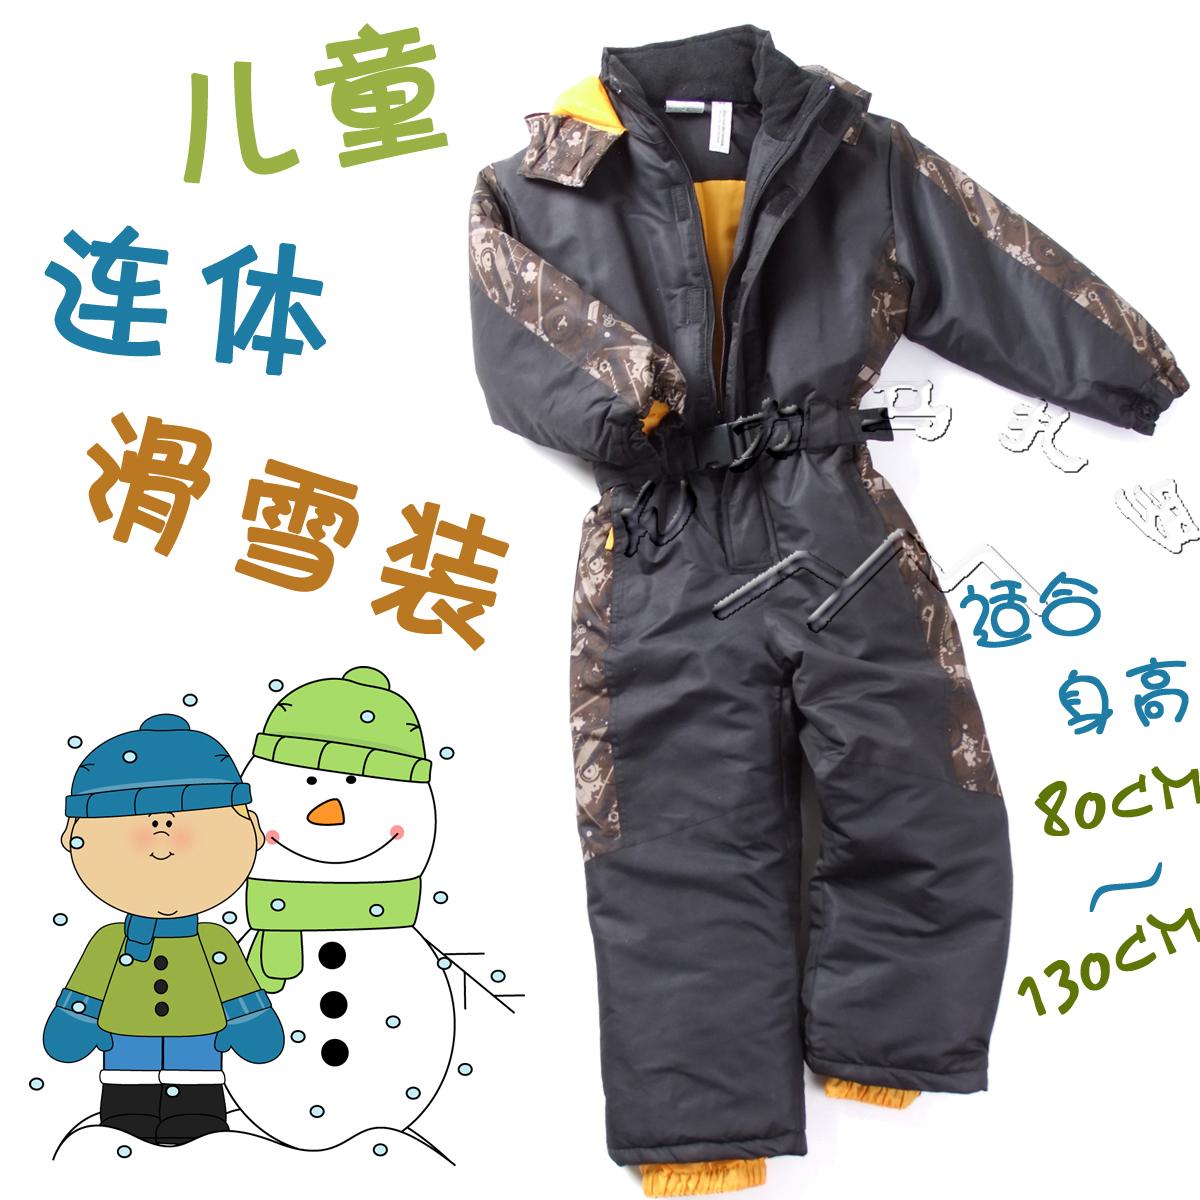 Детей цельный лыжный костюм открытый теплая одежда оригинальной одежды хлопка платье брюки сгущаться в области внешней торговли зимой